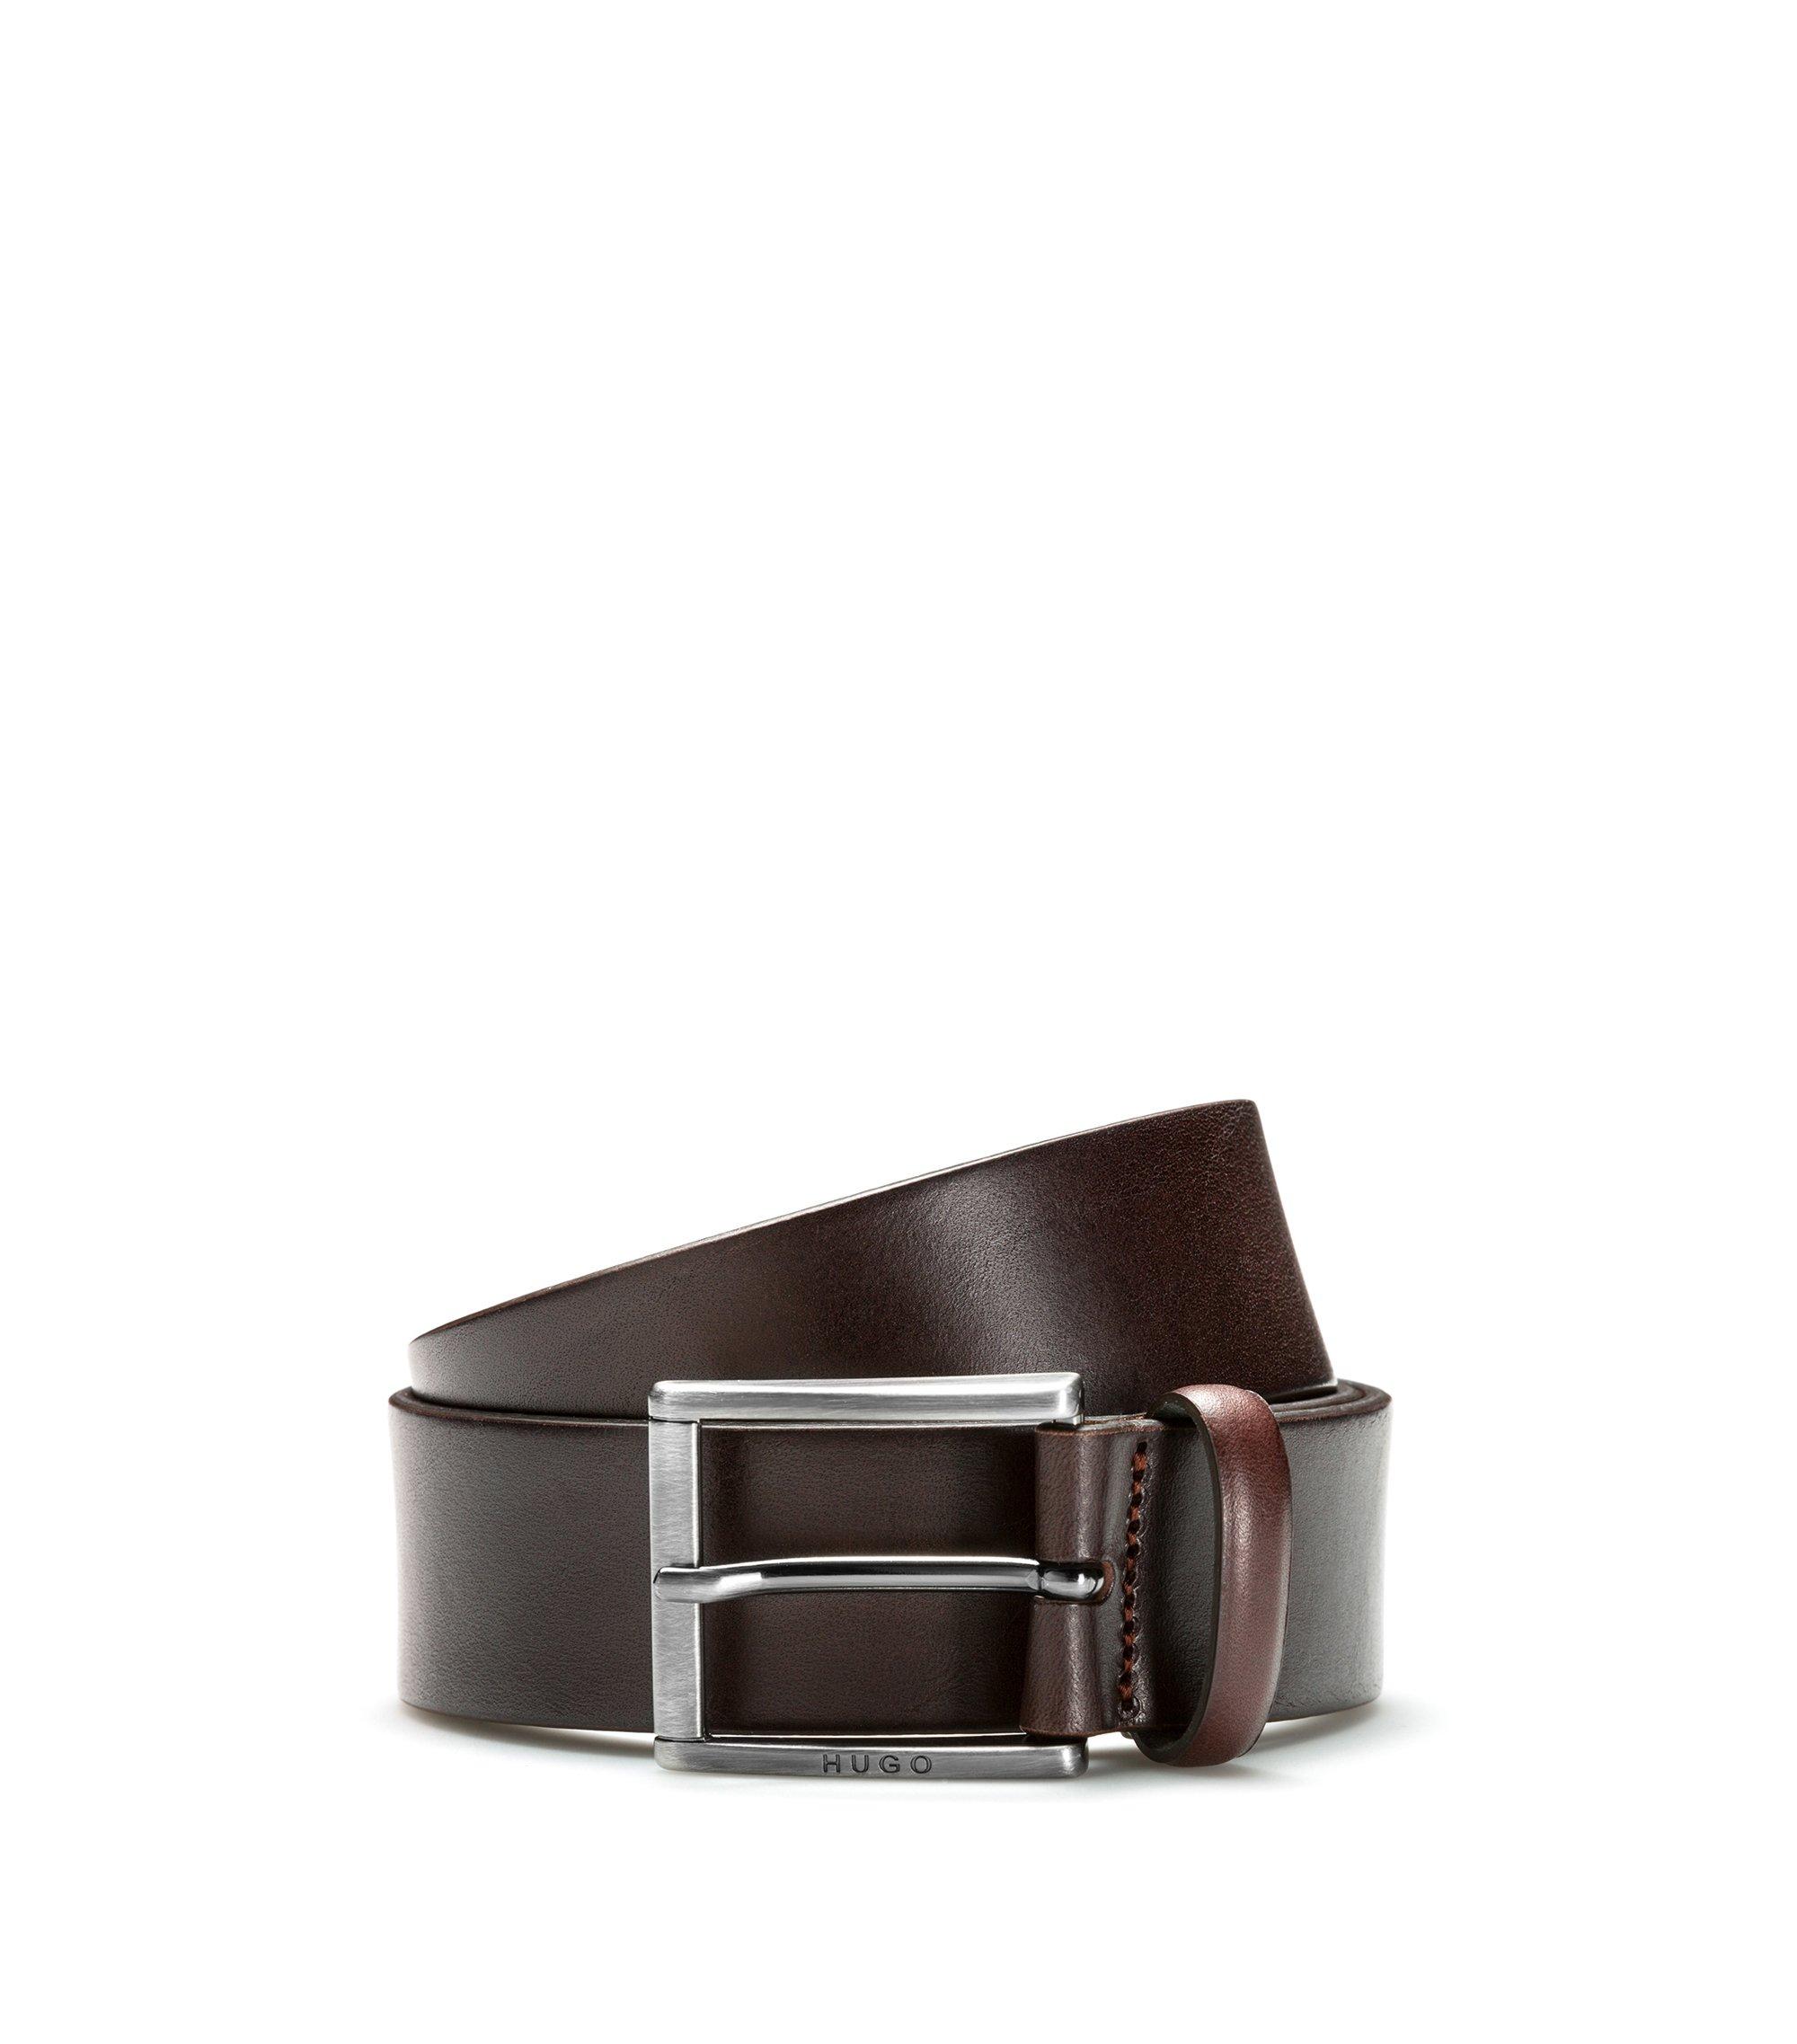 Cintura in pelle con fibbia ad ardiglione quadrata in metallo spazzolato, Marrone scuro